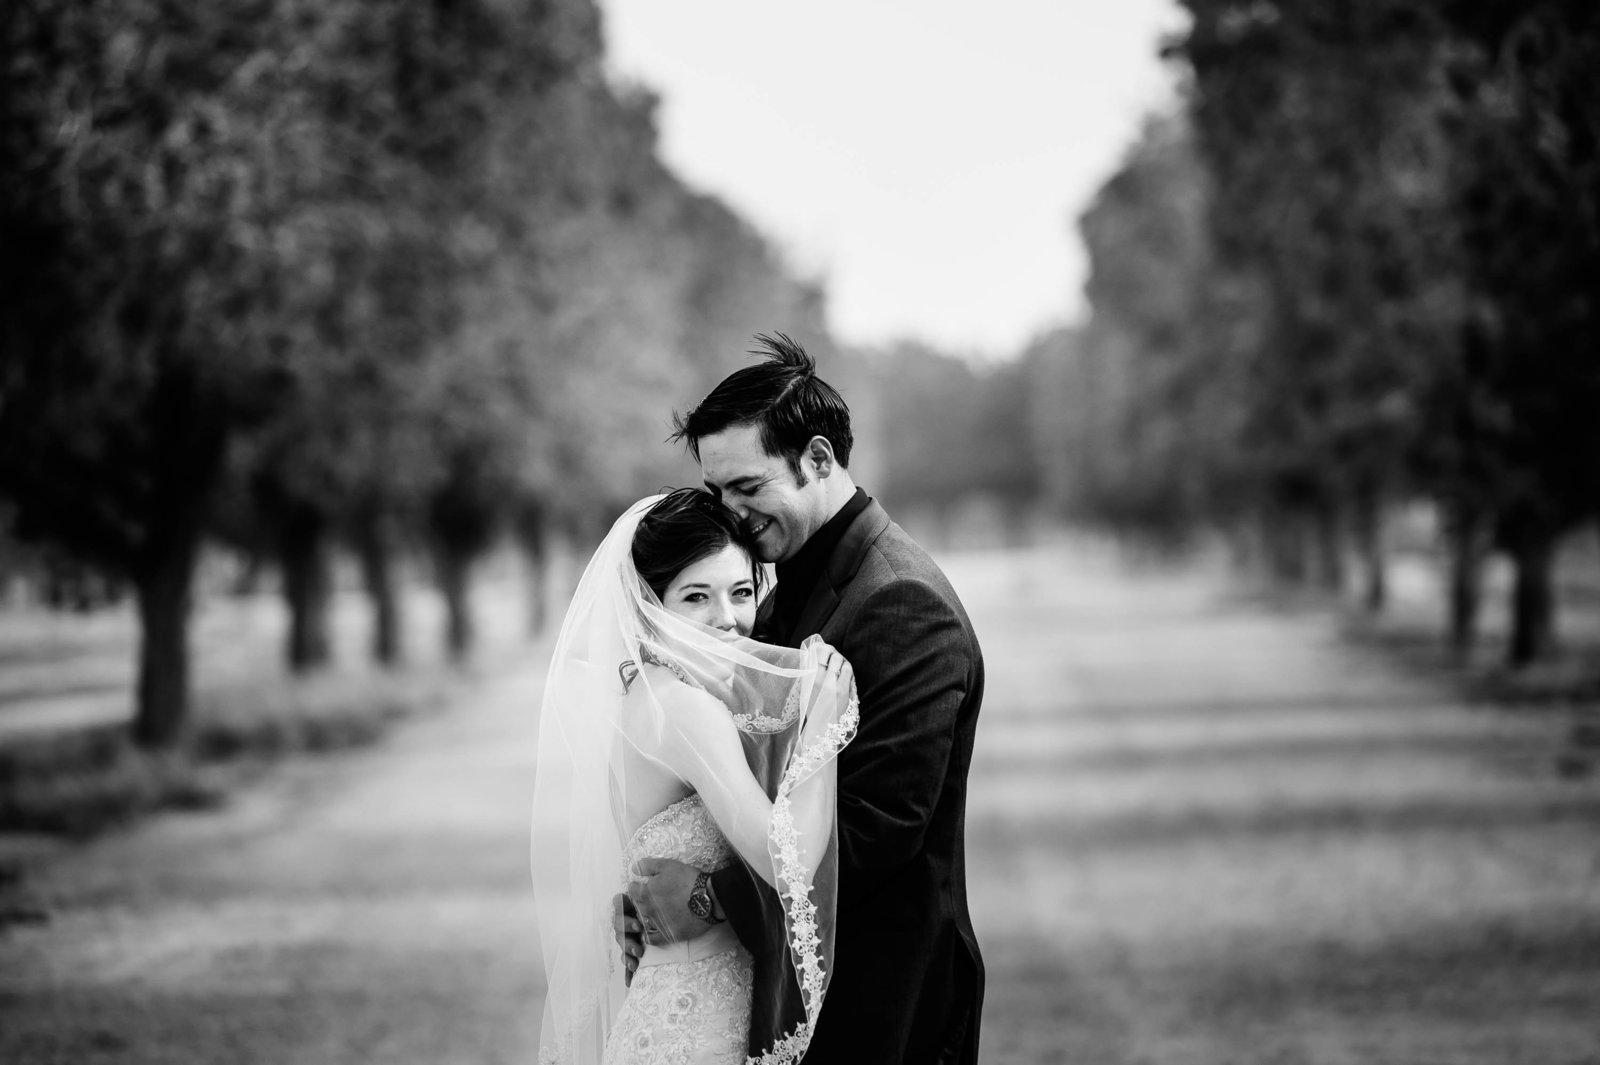 295-El-paso-wedding-photographer-El Paso Wedding Photographer_P21